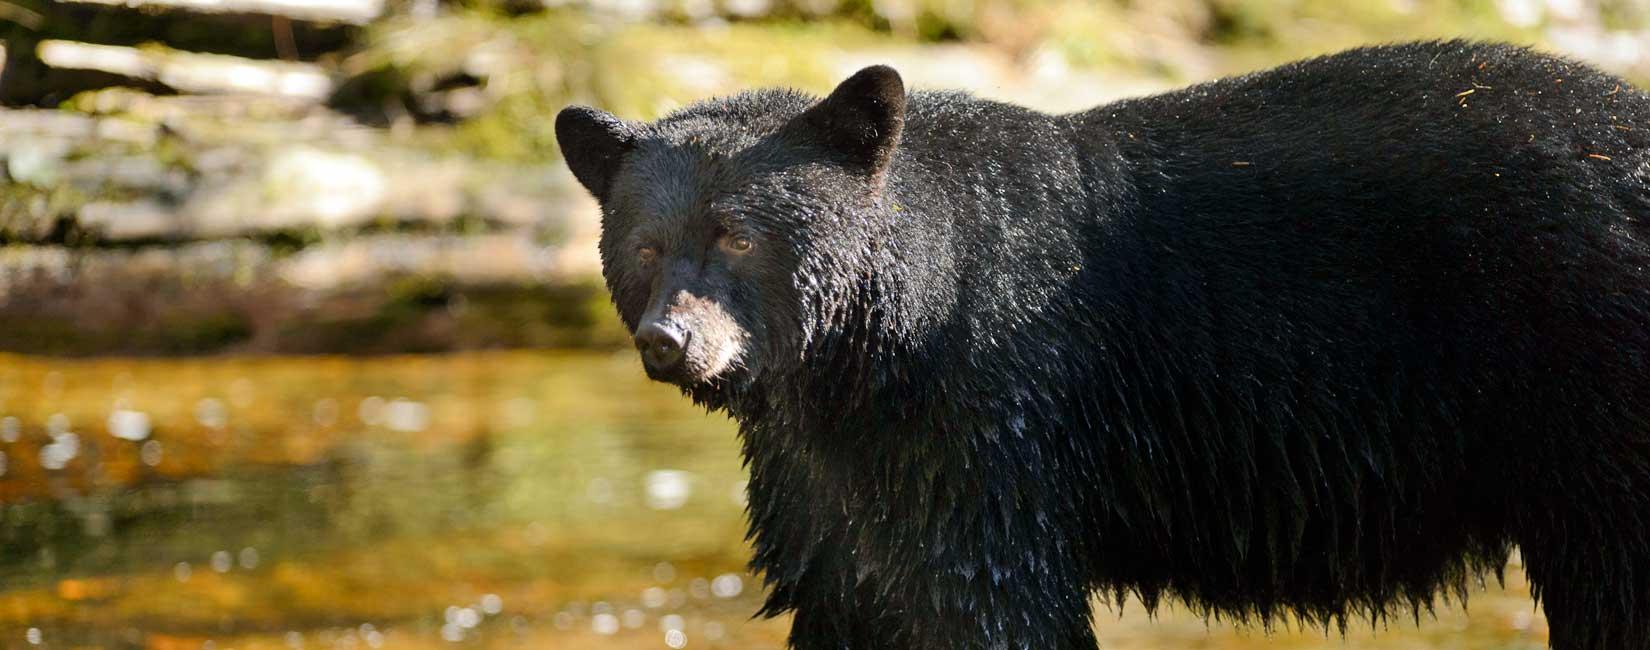 Découvrez la nature au Canada dans les centres de réadaptation de la faune